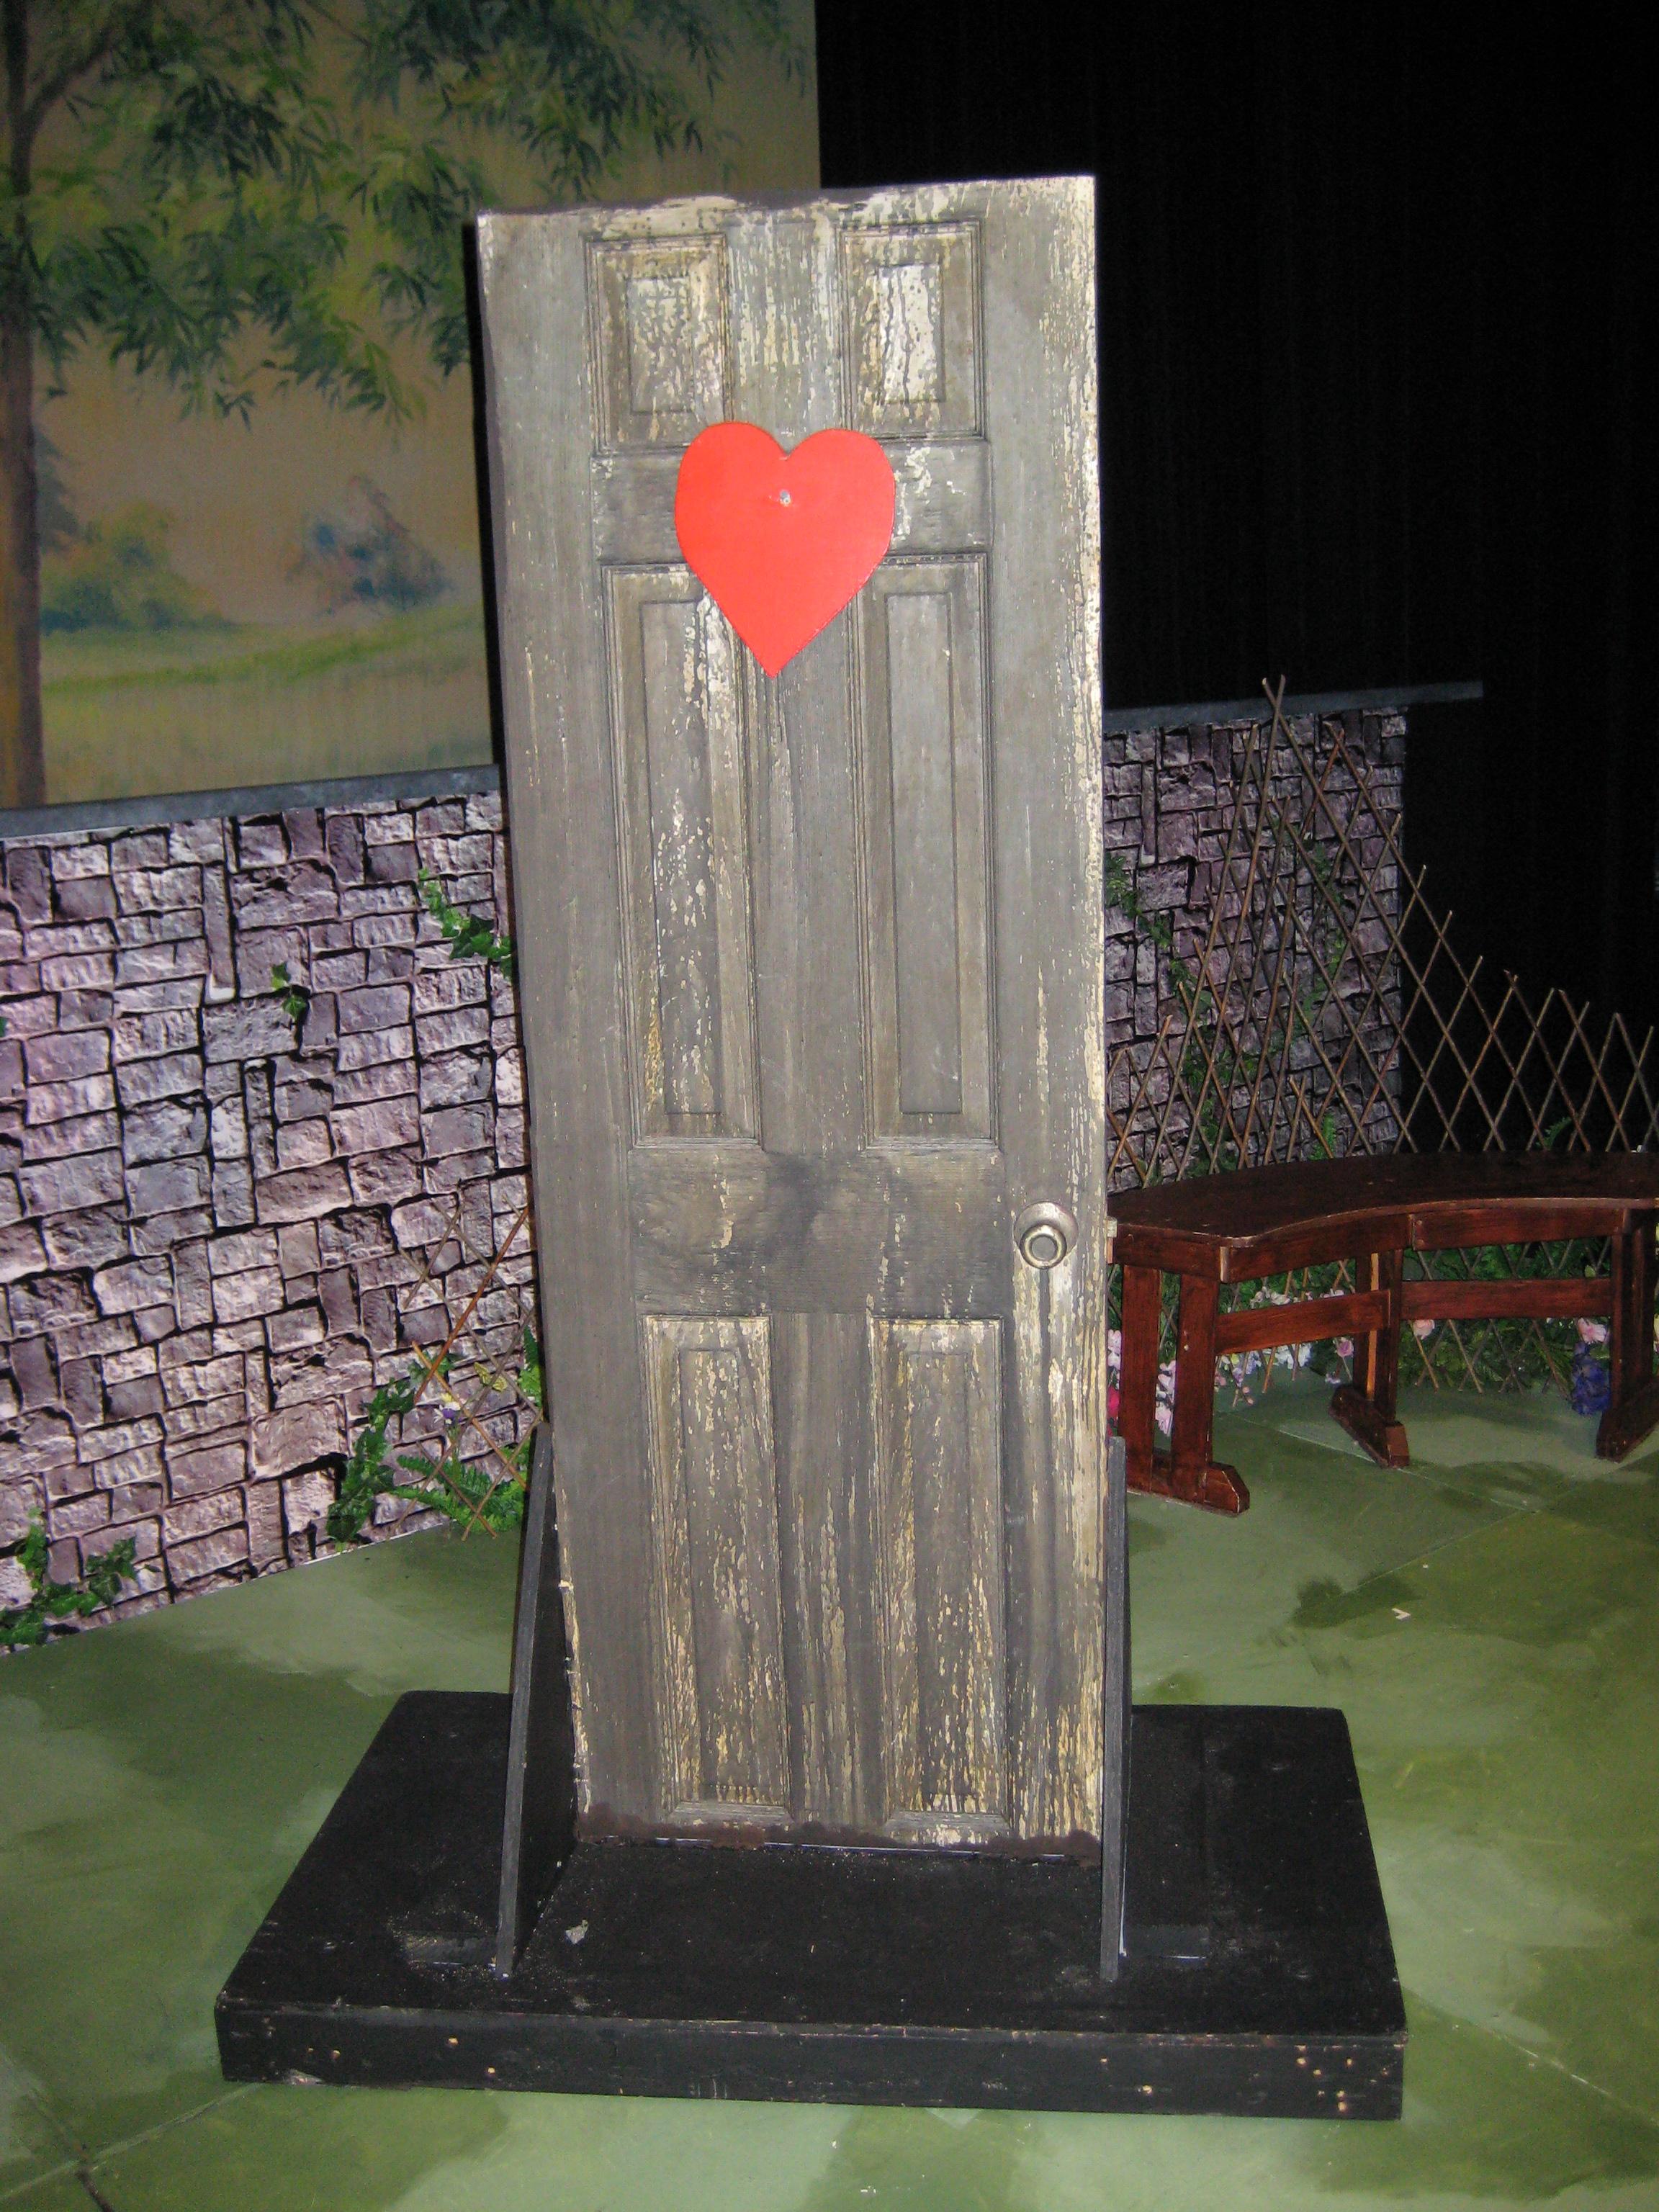 FileThe Door from Alice.jpg & File:The Door from Alice.jpg - Wikimedia Commons